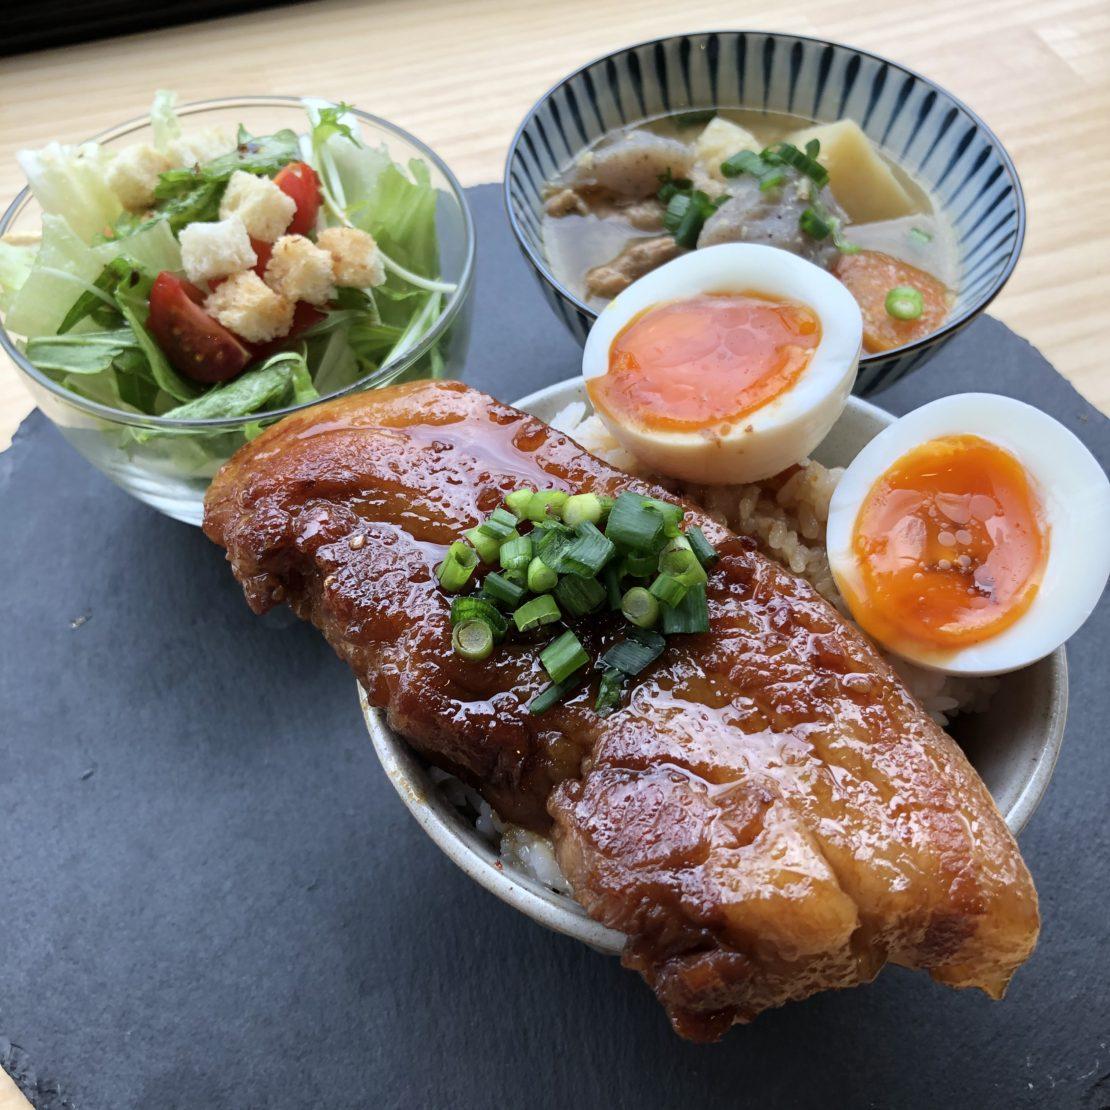 金山で絶品豚肉料理を味わう!「PORK STAND 3PIG(スリーピッグ)」